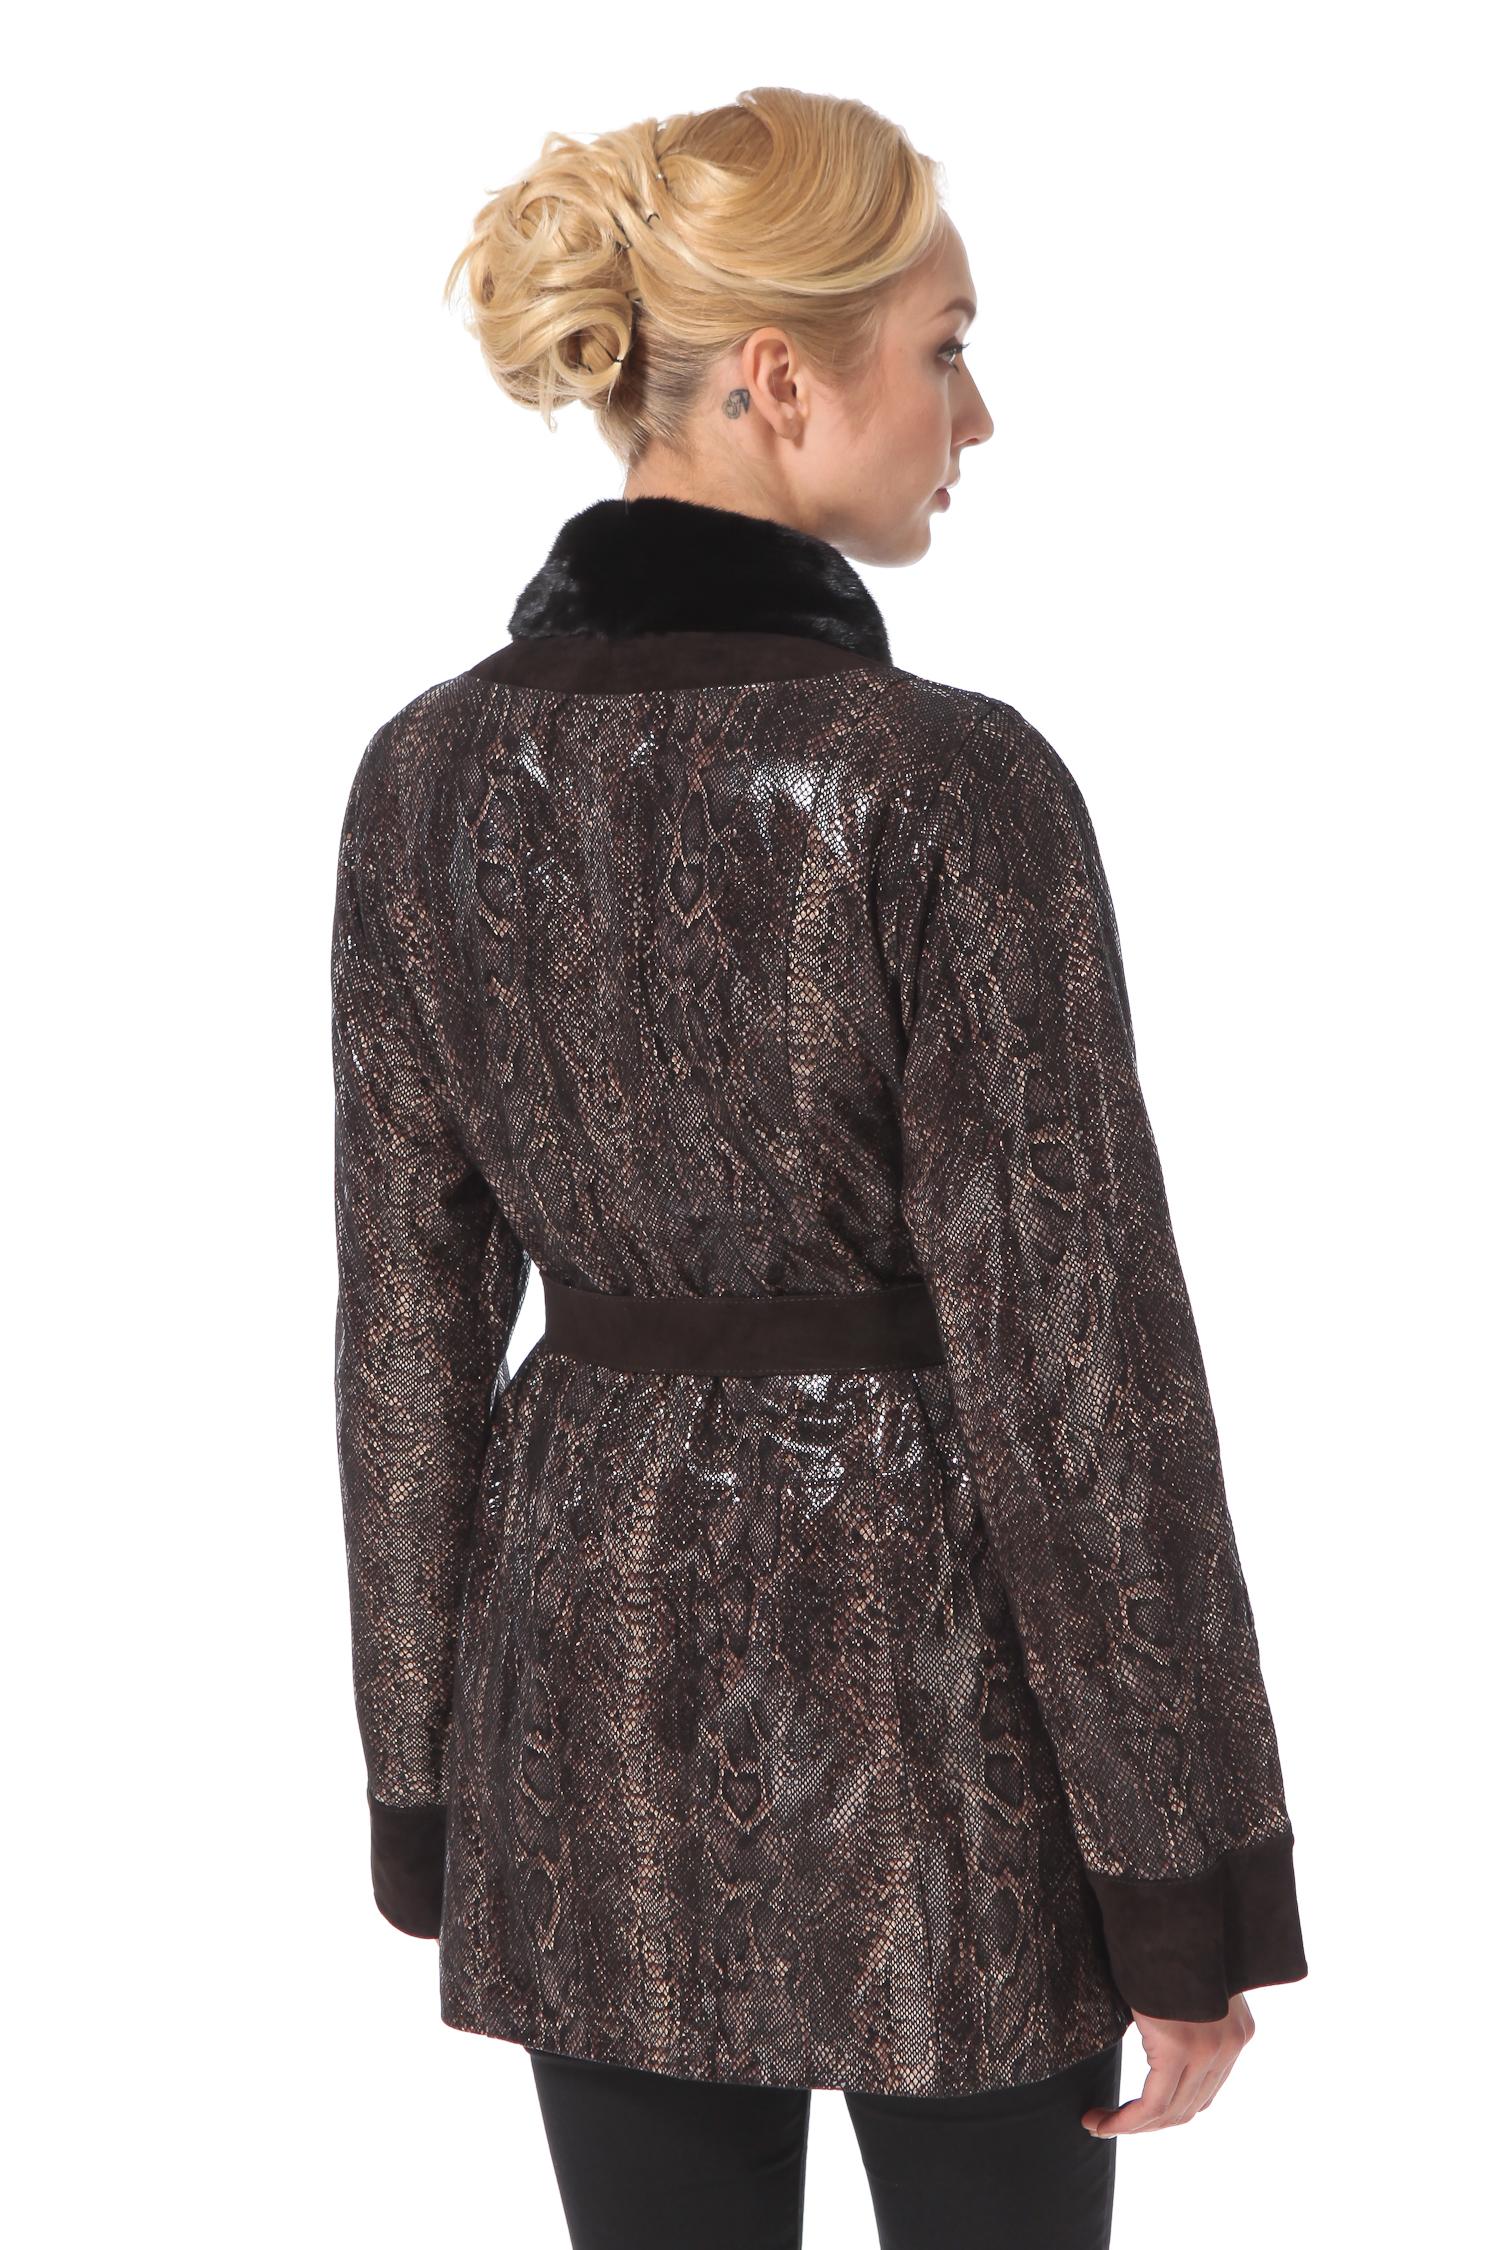 Женская кожаная куртка из натуральной замши с воротником, отделка норка от Московская Меховая Компания